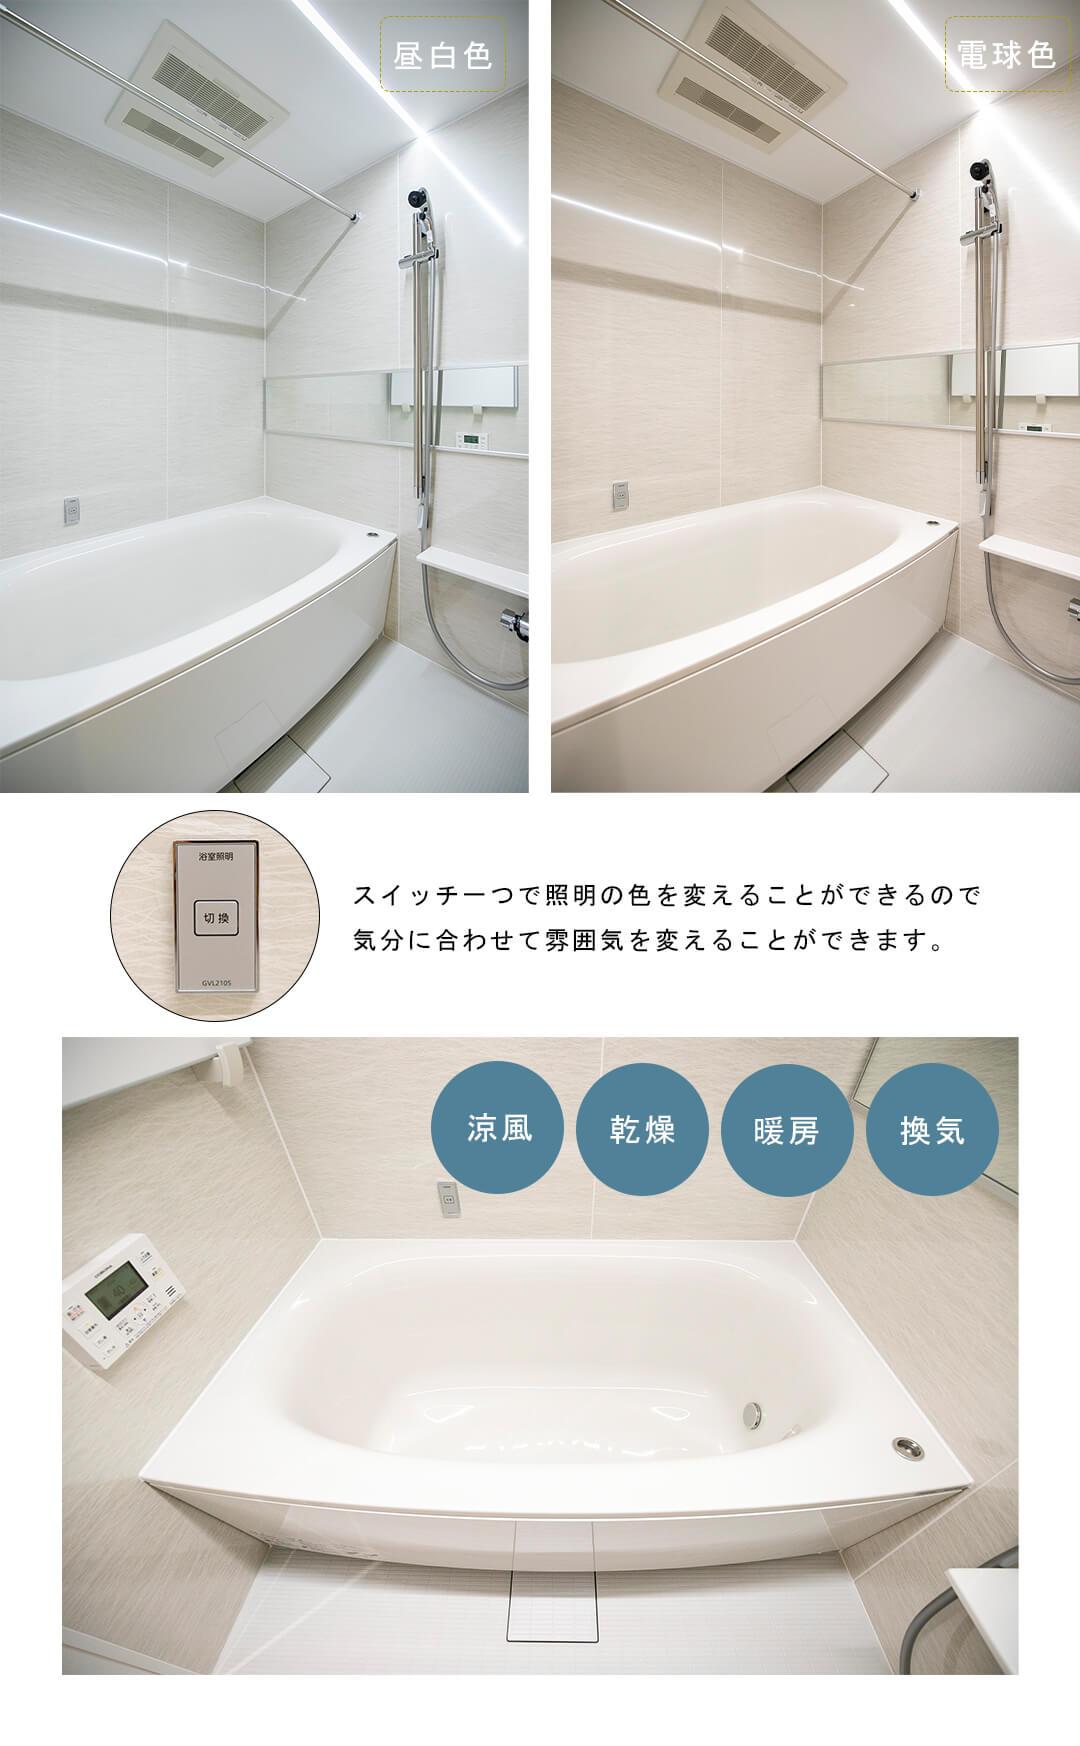 ブロードシティ東京の浴室